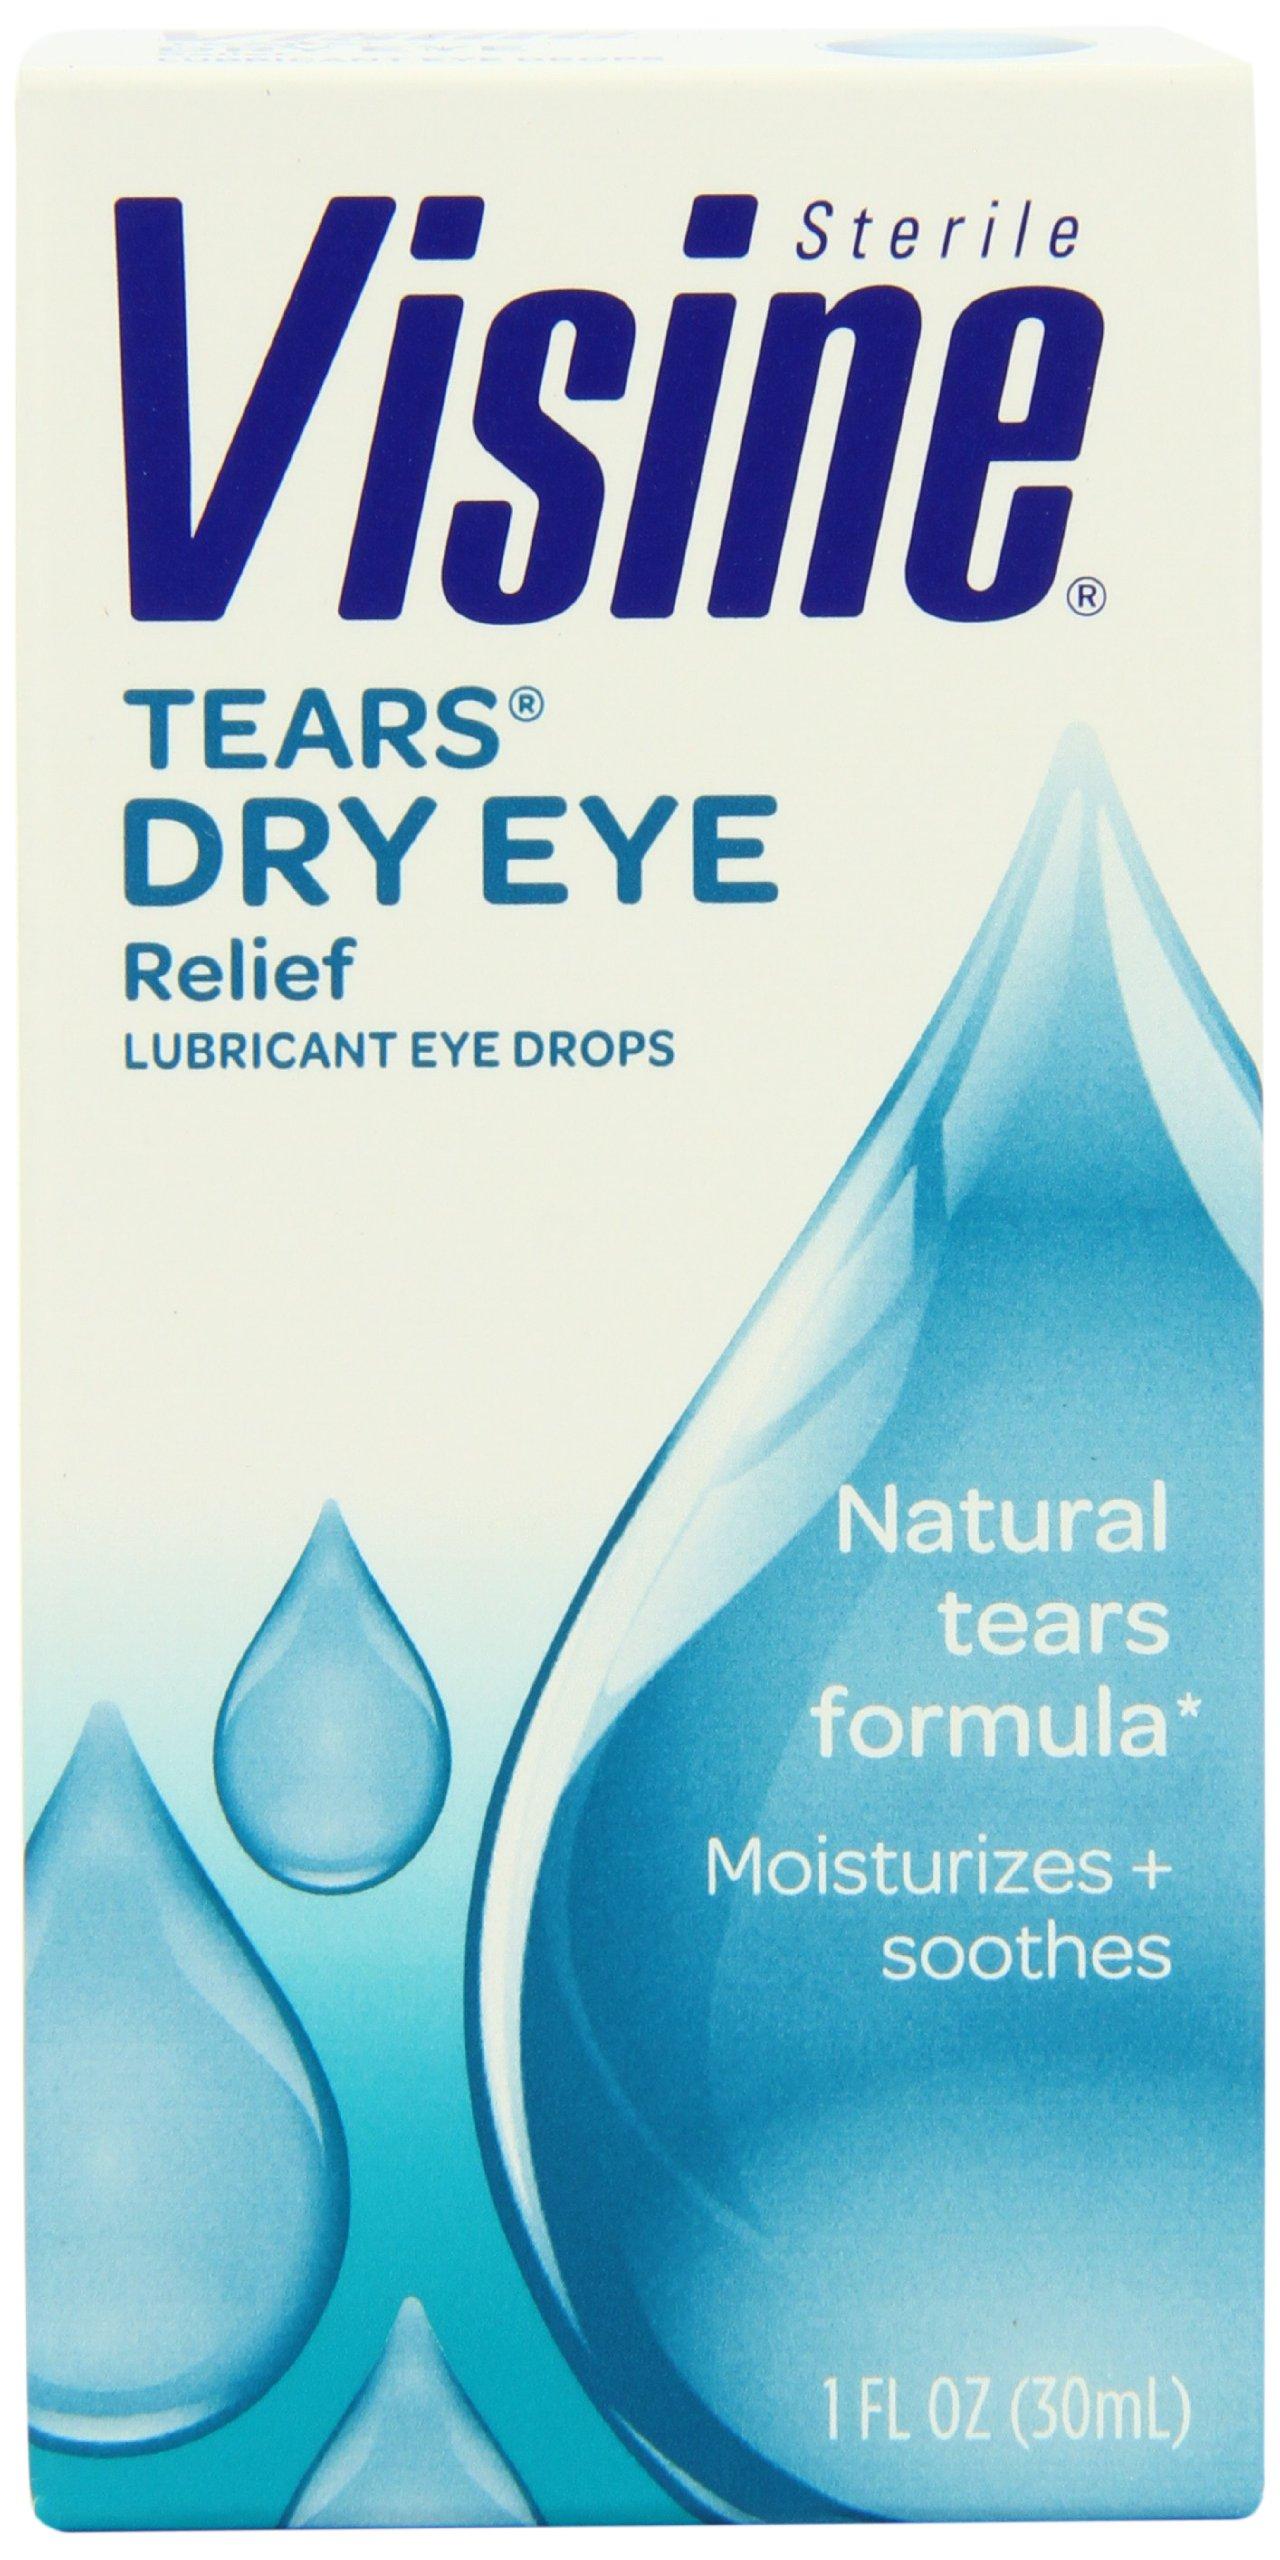 Visine Tears Natural Tears Formula Lubricant Eye Drops, 1 Fluid Ounce